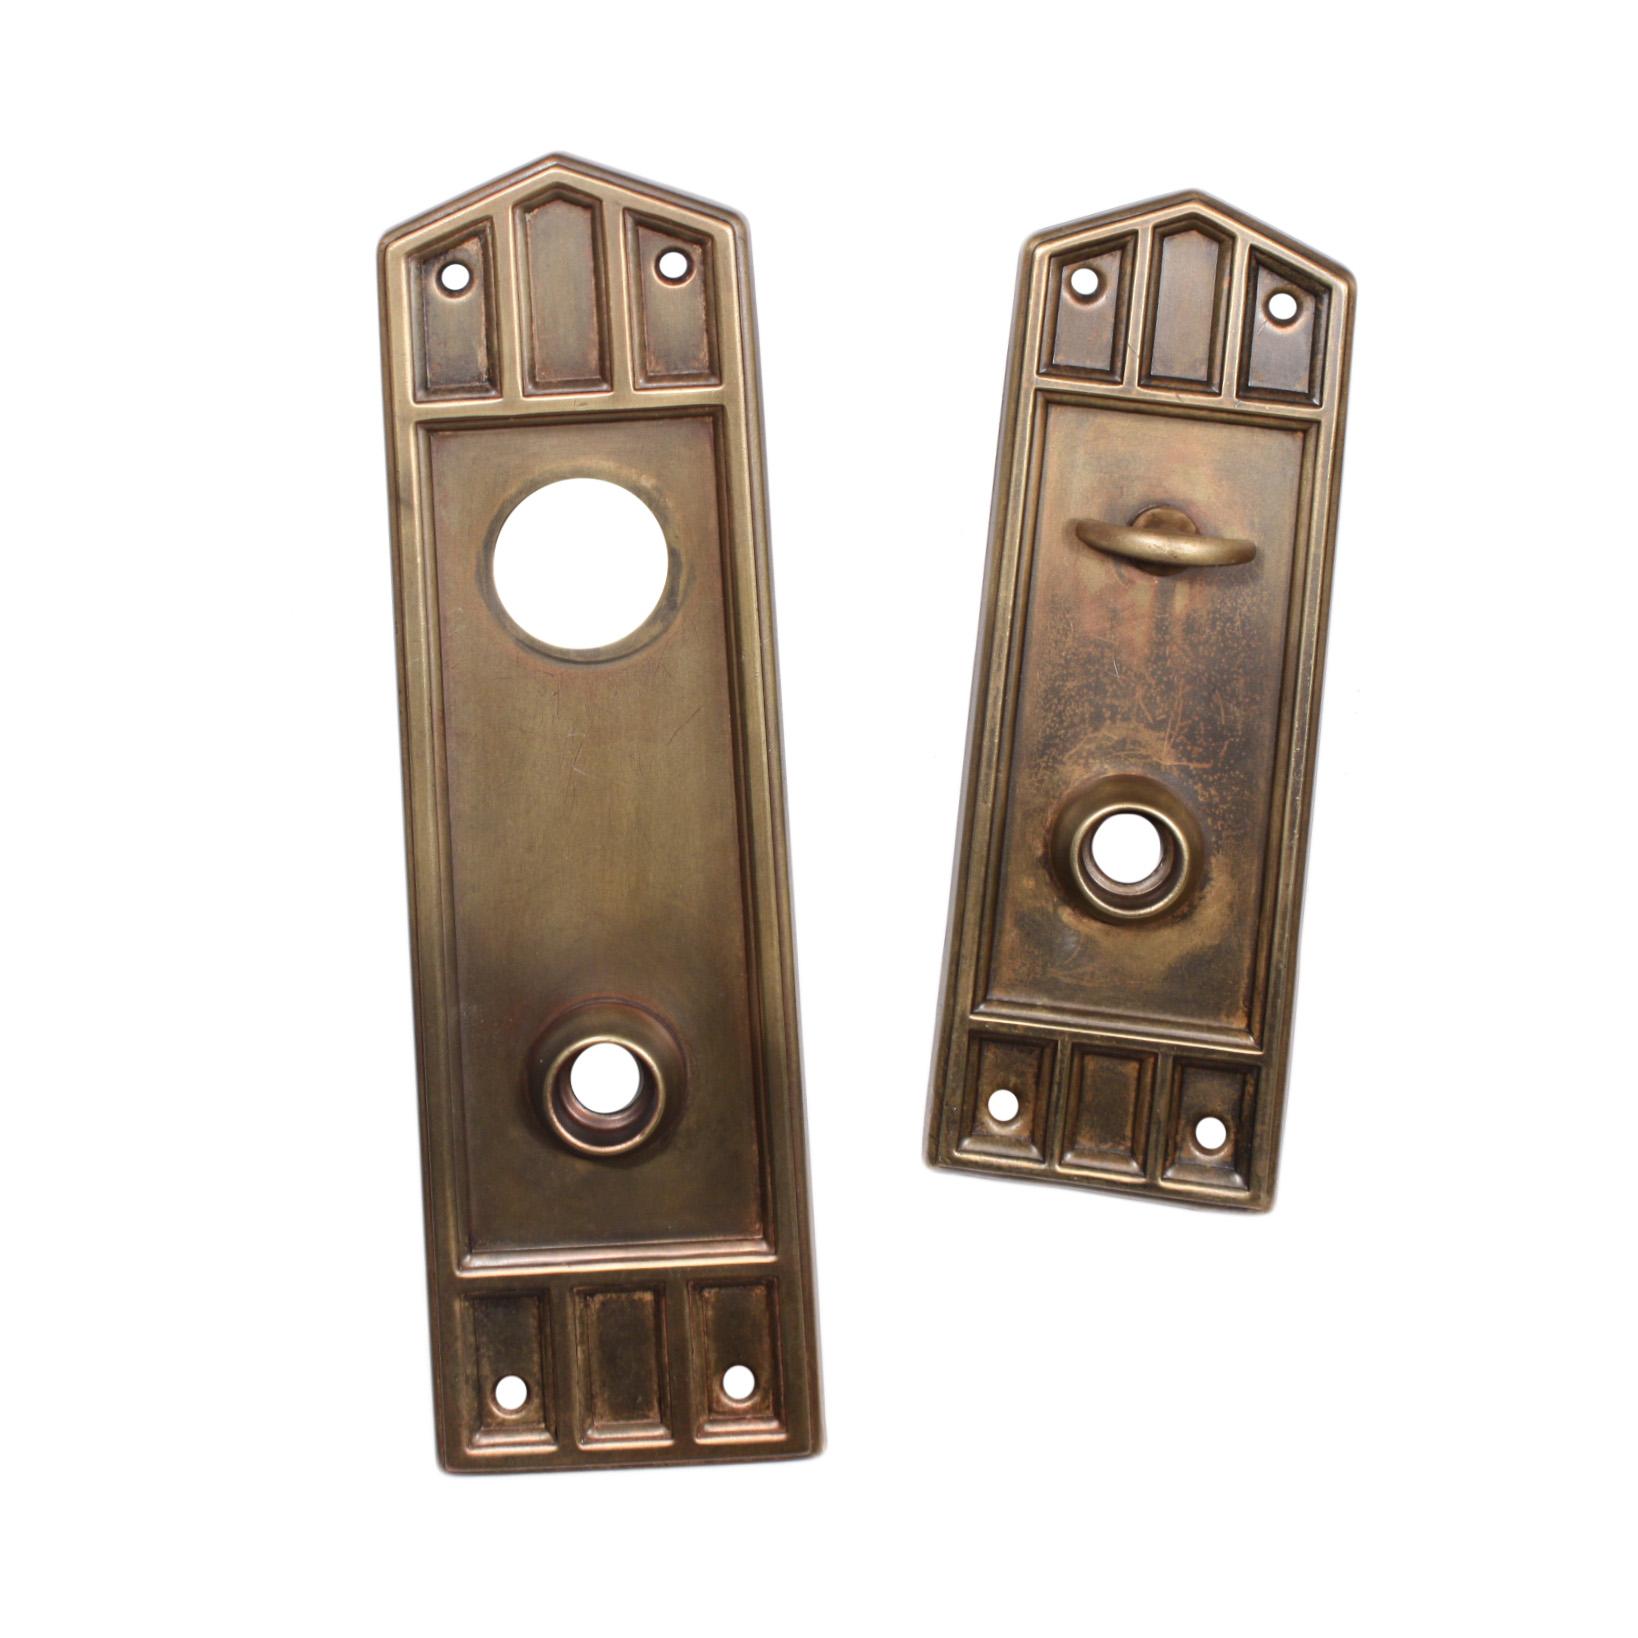 Antique exterior door hardware complete antique arts for Arts and crafts exterior door hardware